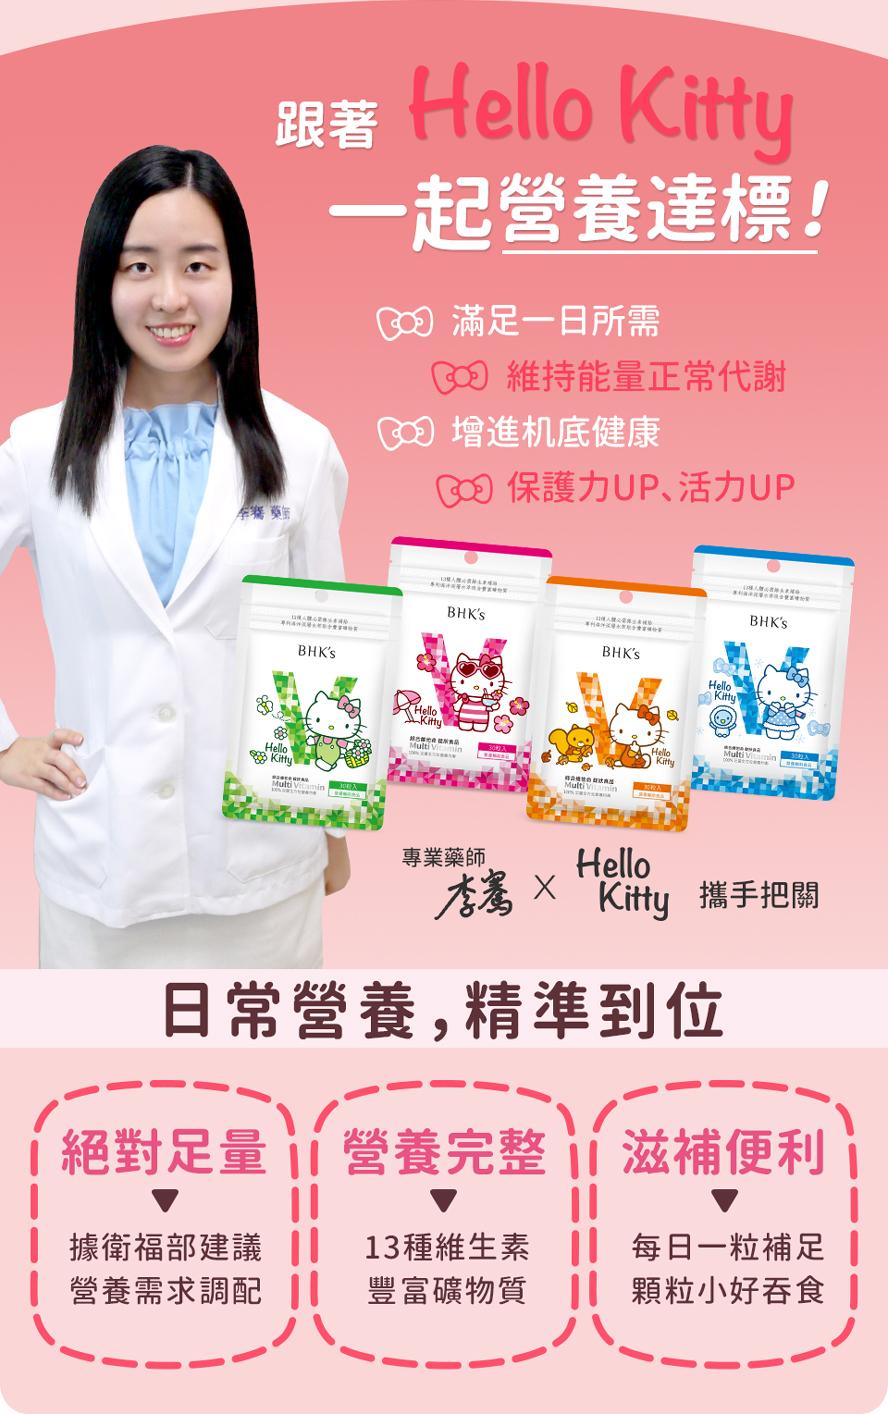 專業藥師推薦BHK's限量Hello Kitty綜合維他命來滿足你的一日營養所需。